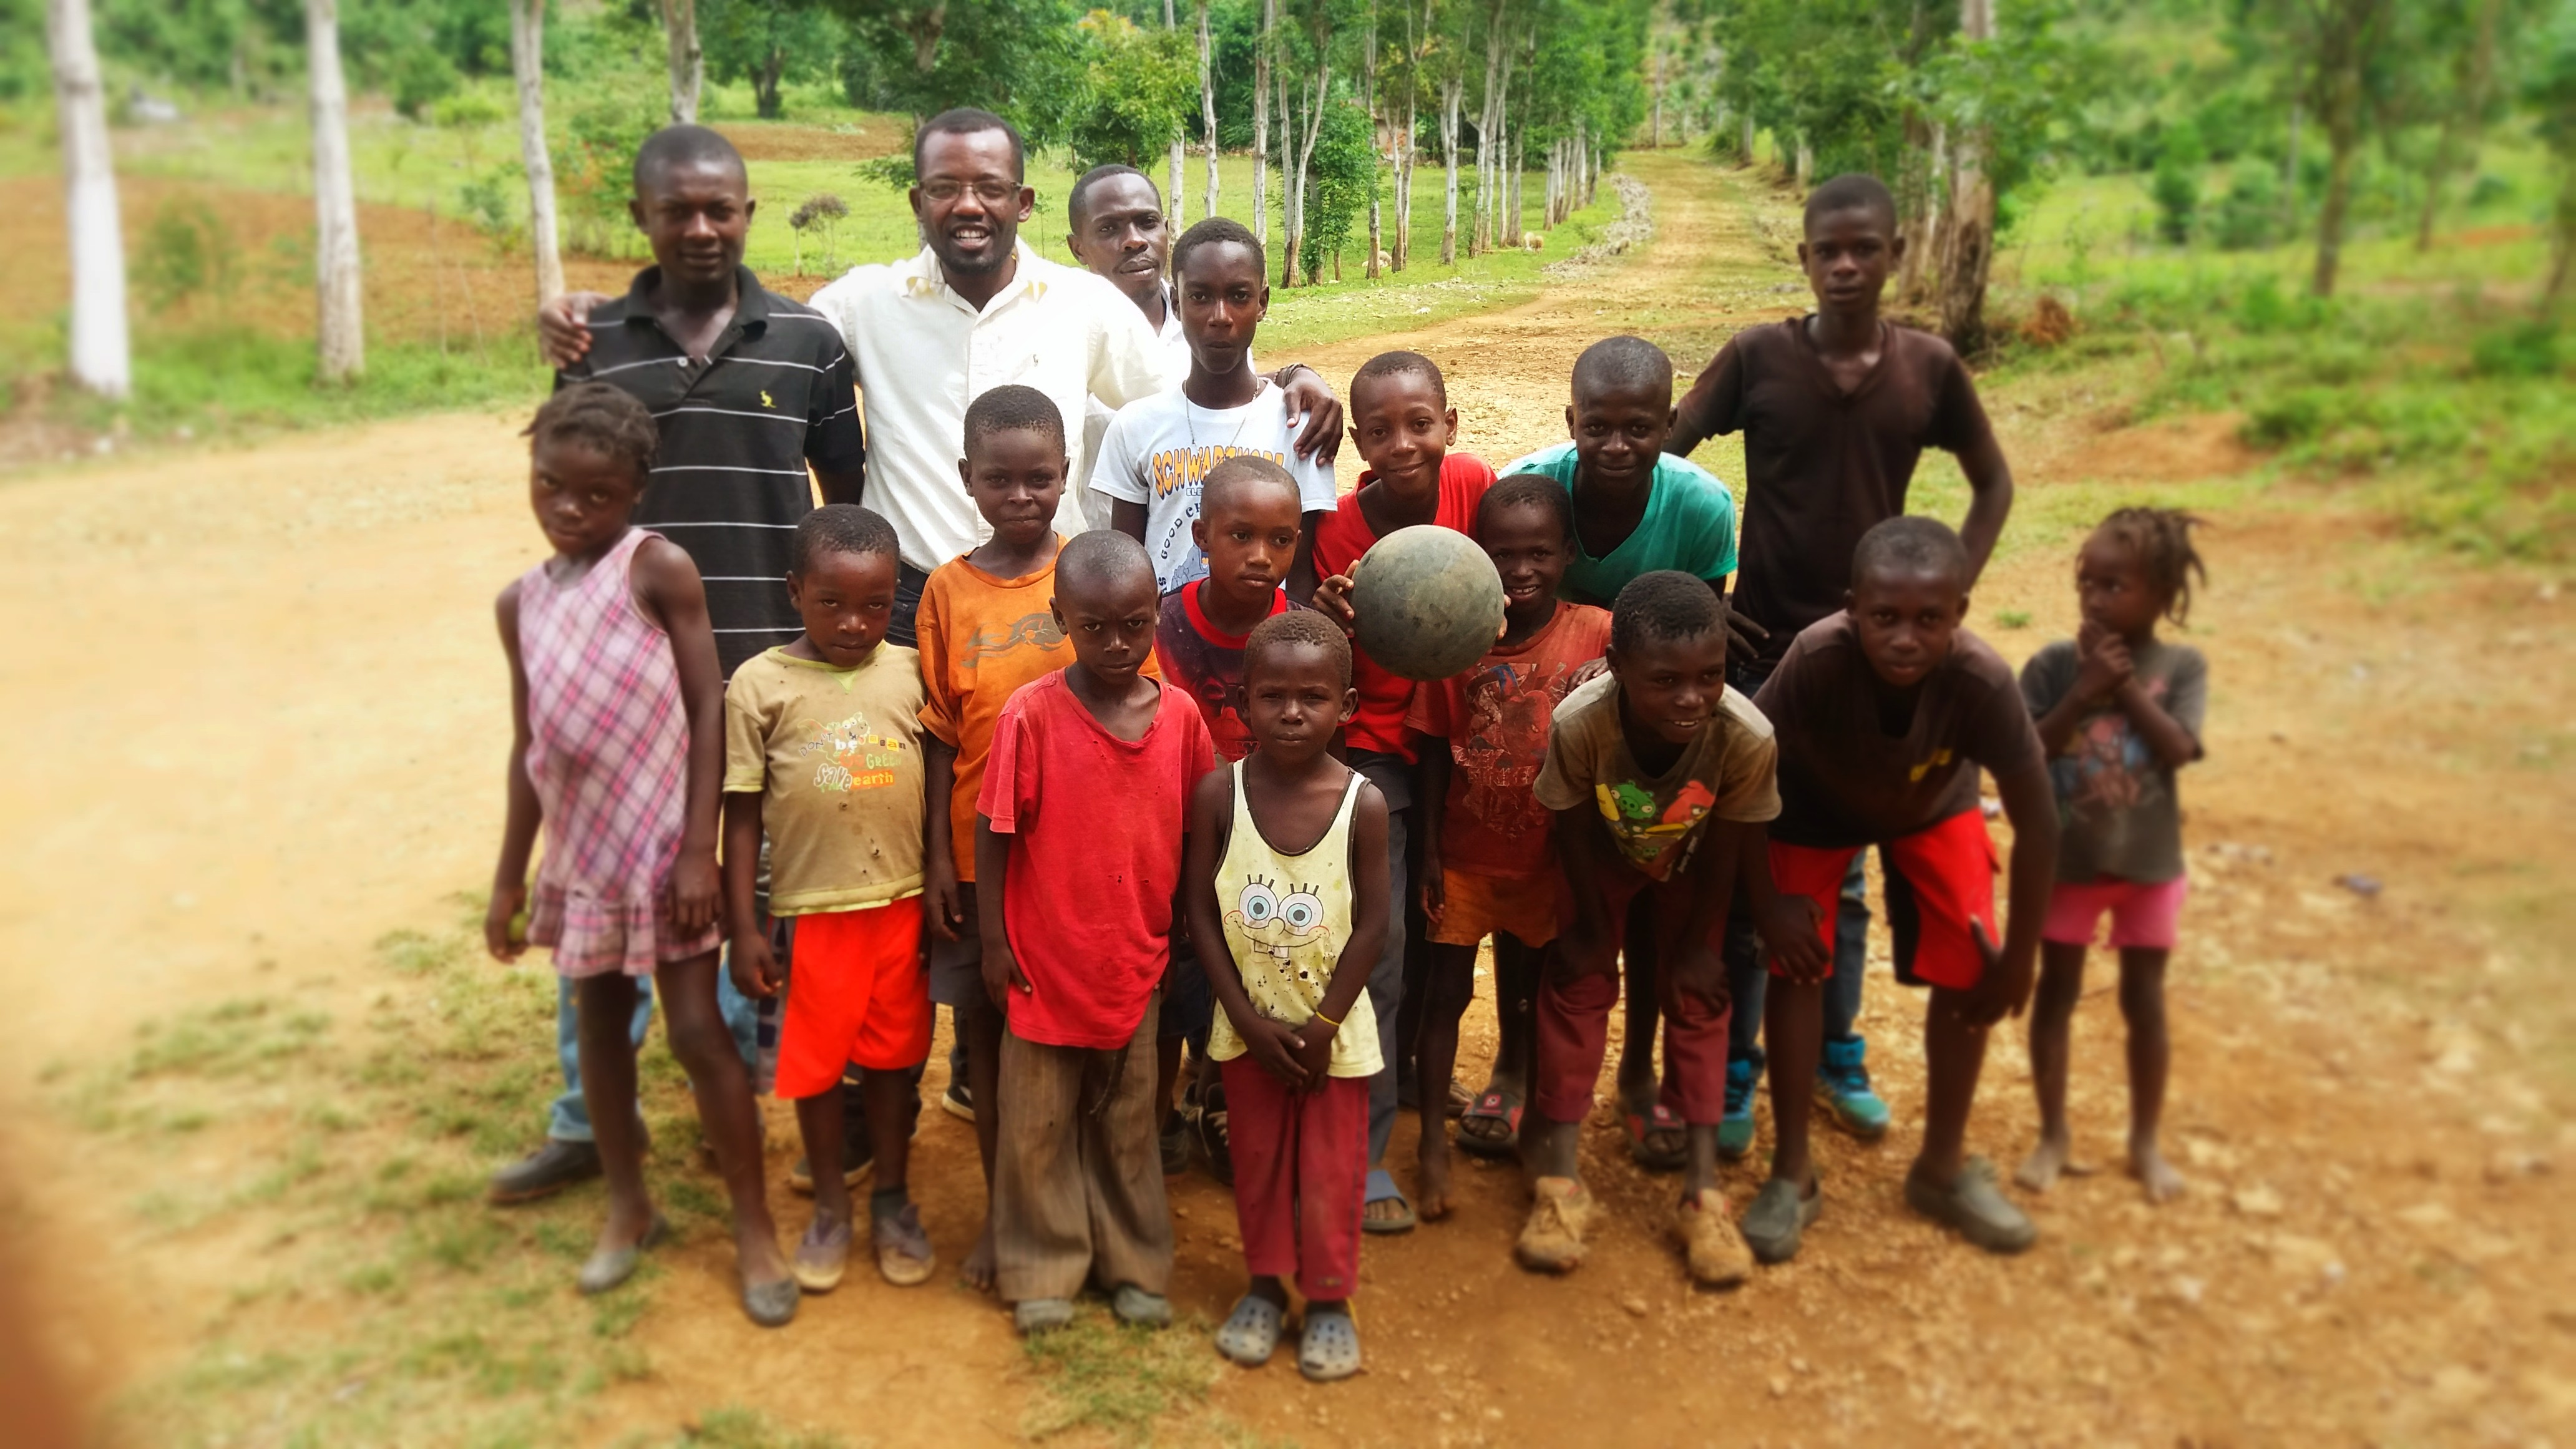 Crianças da comunidade de Don de l'amitié, onde Jac-Ssone nasceu (Foto: Divulgação)